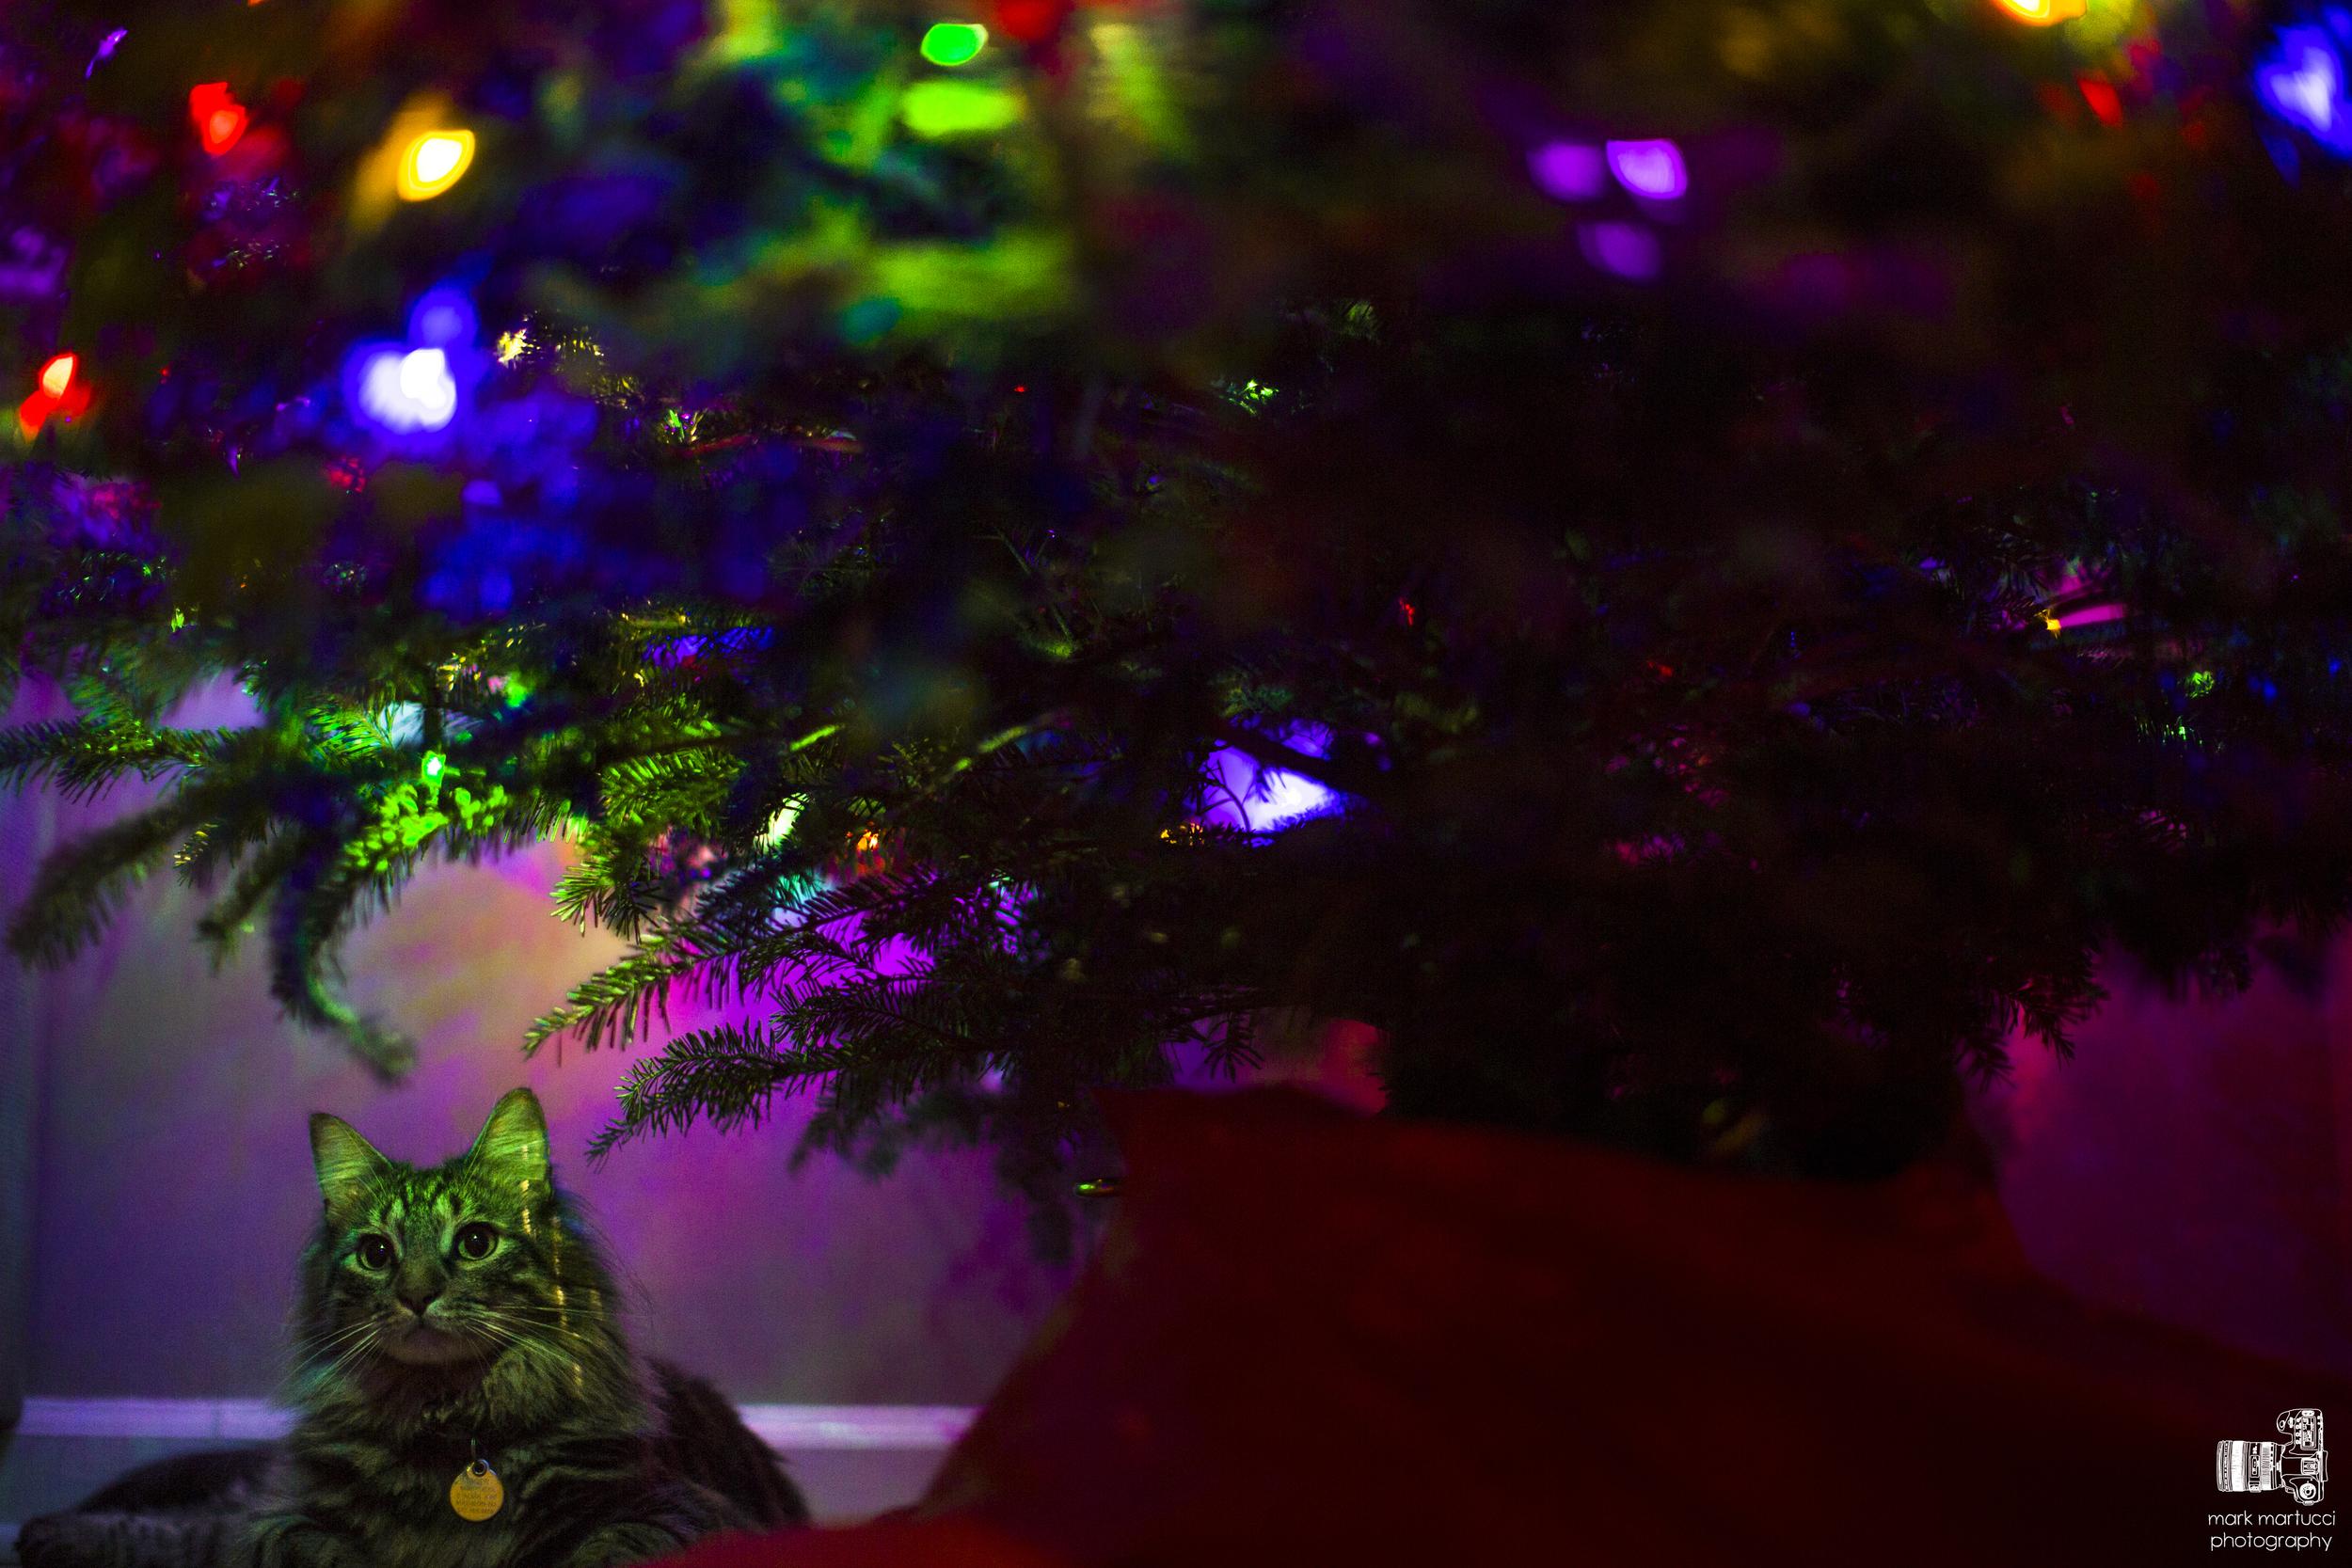 tiger under the tree 2.jpg